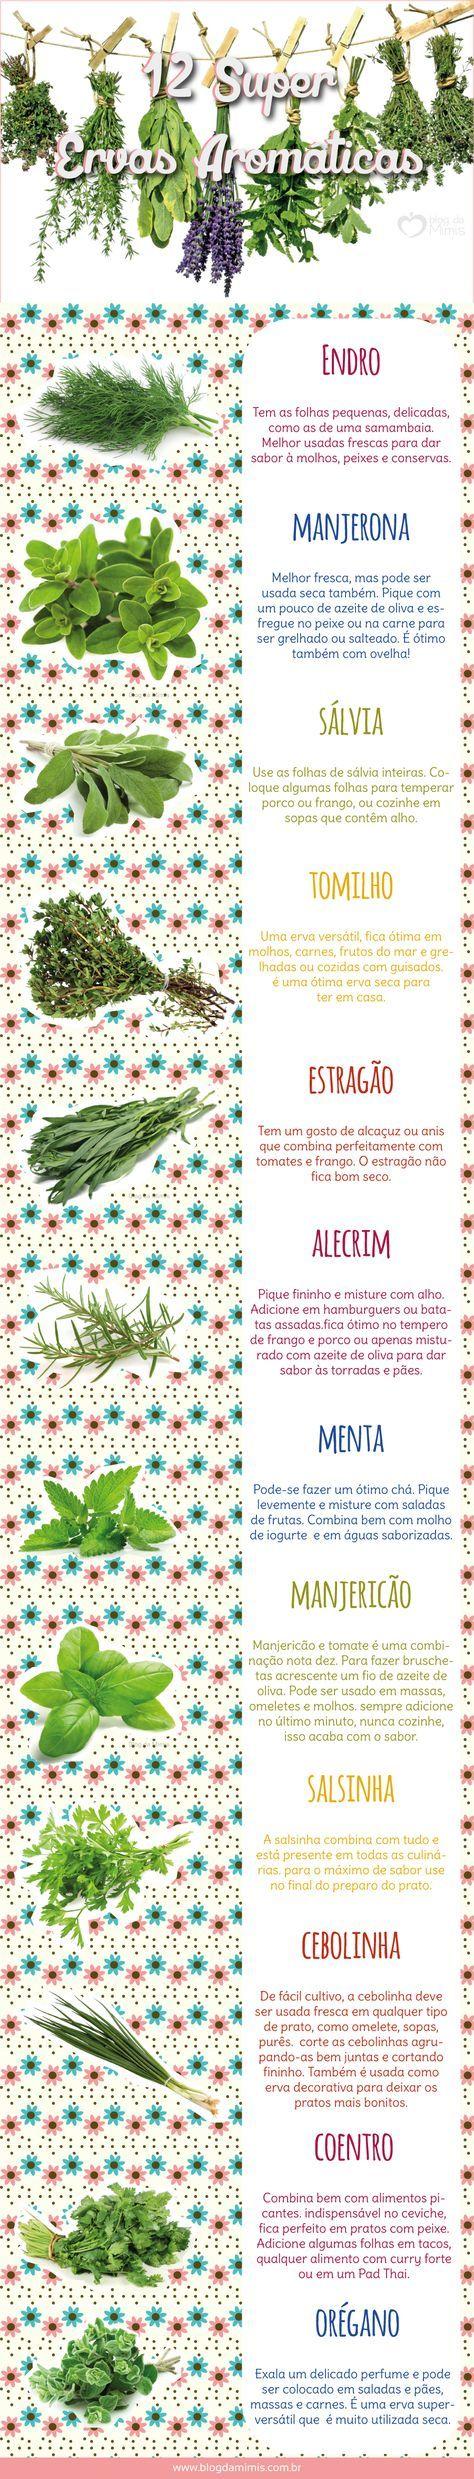 (1) - Entrada - Terra Mail - Message - shirley.neusa@terra.com.br